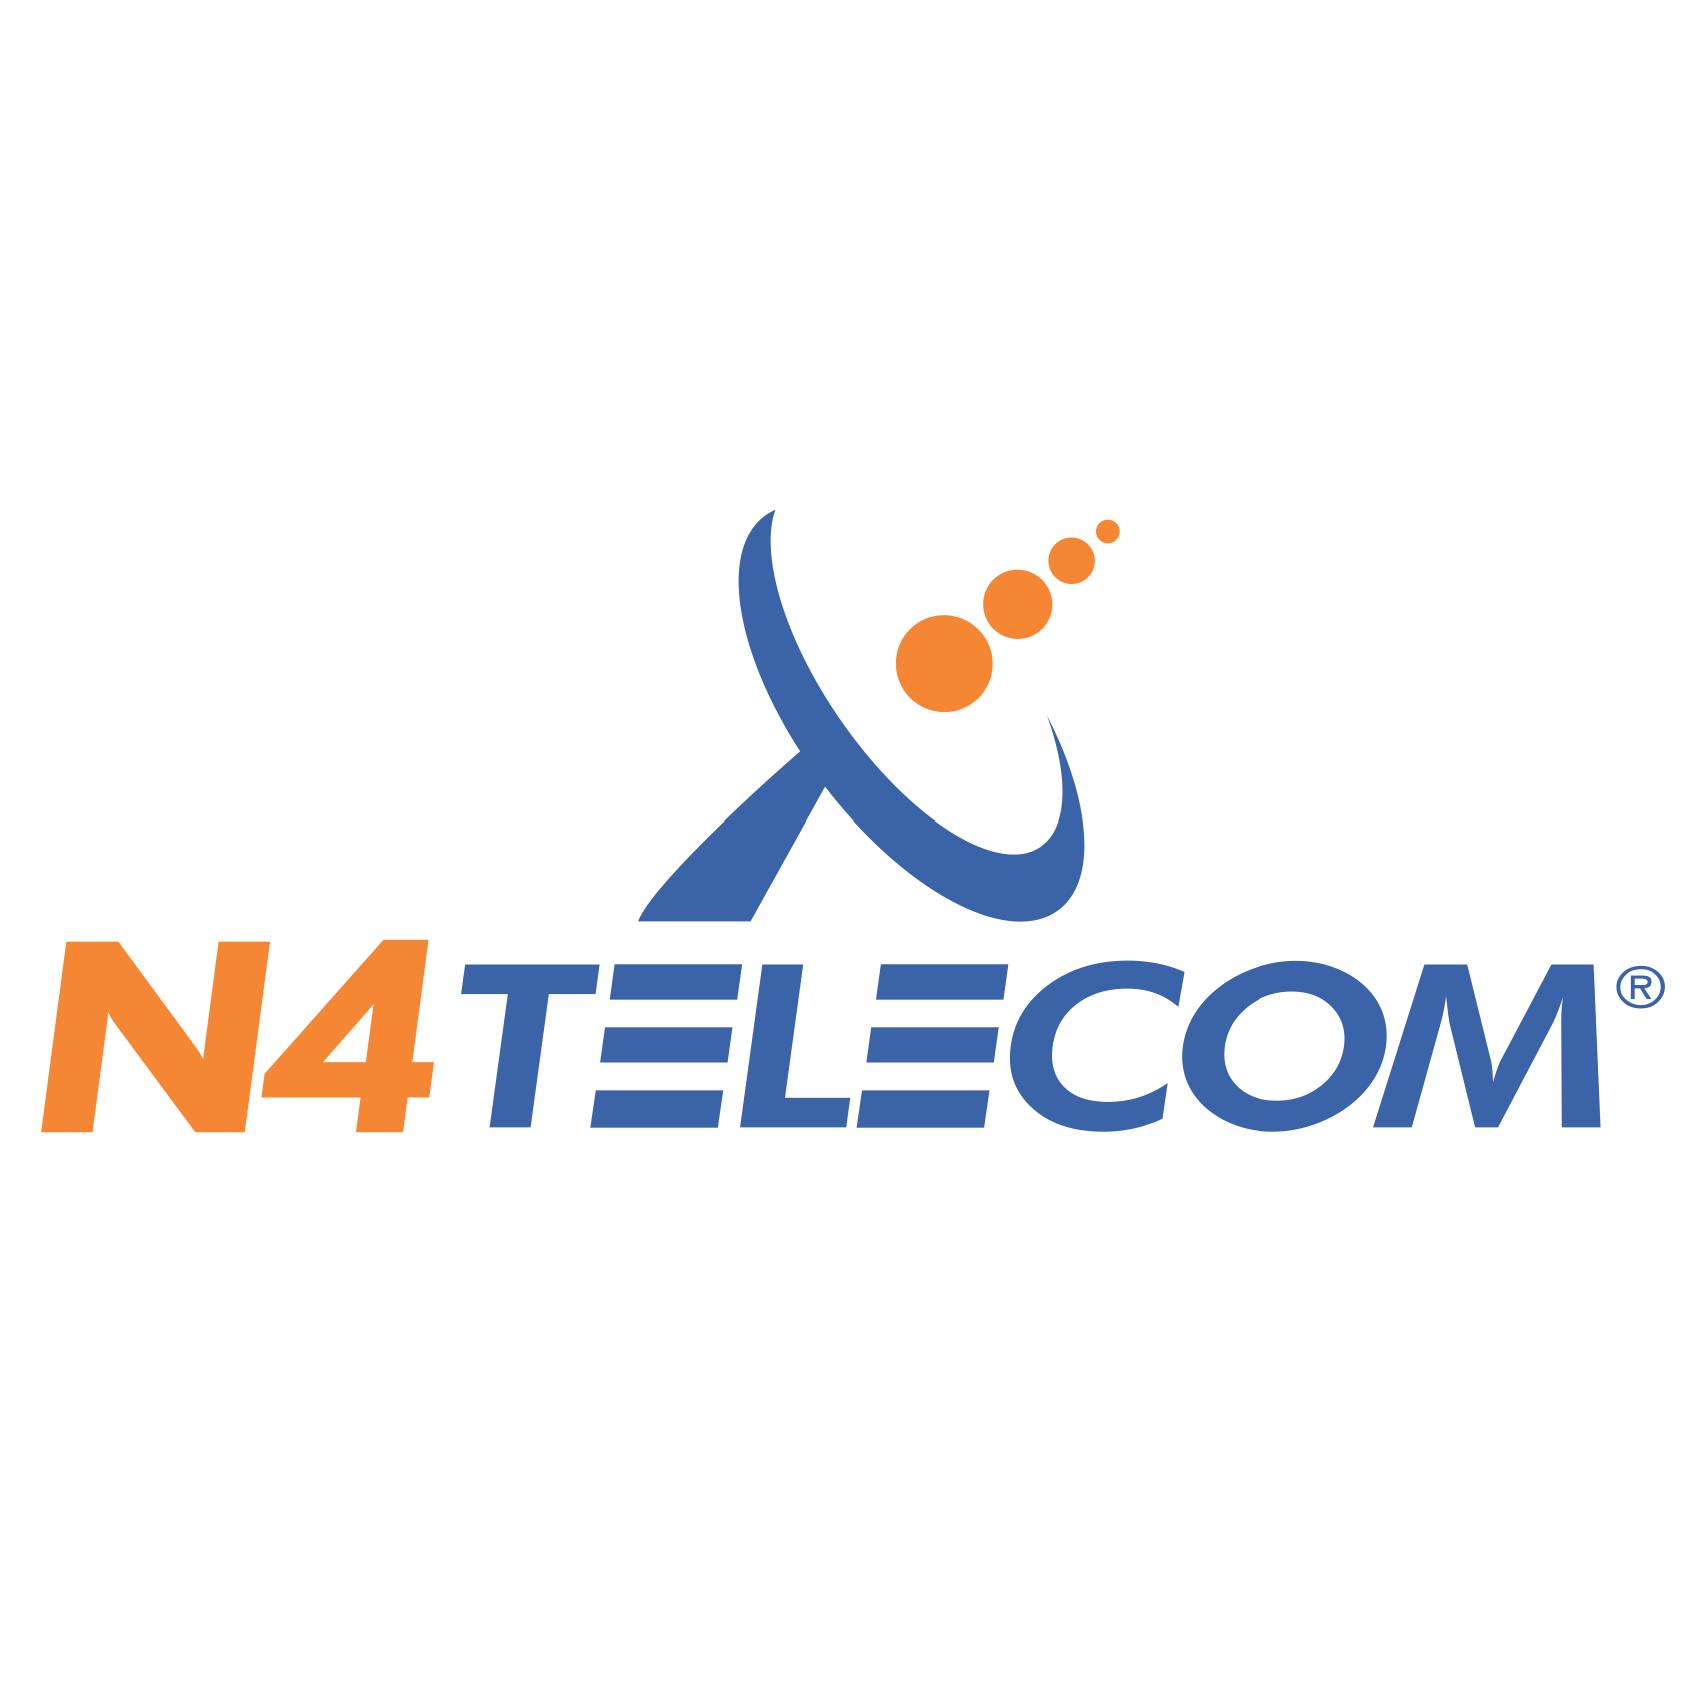 logomarca da operadora ganhadora do premio de melhor velocidade de internet